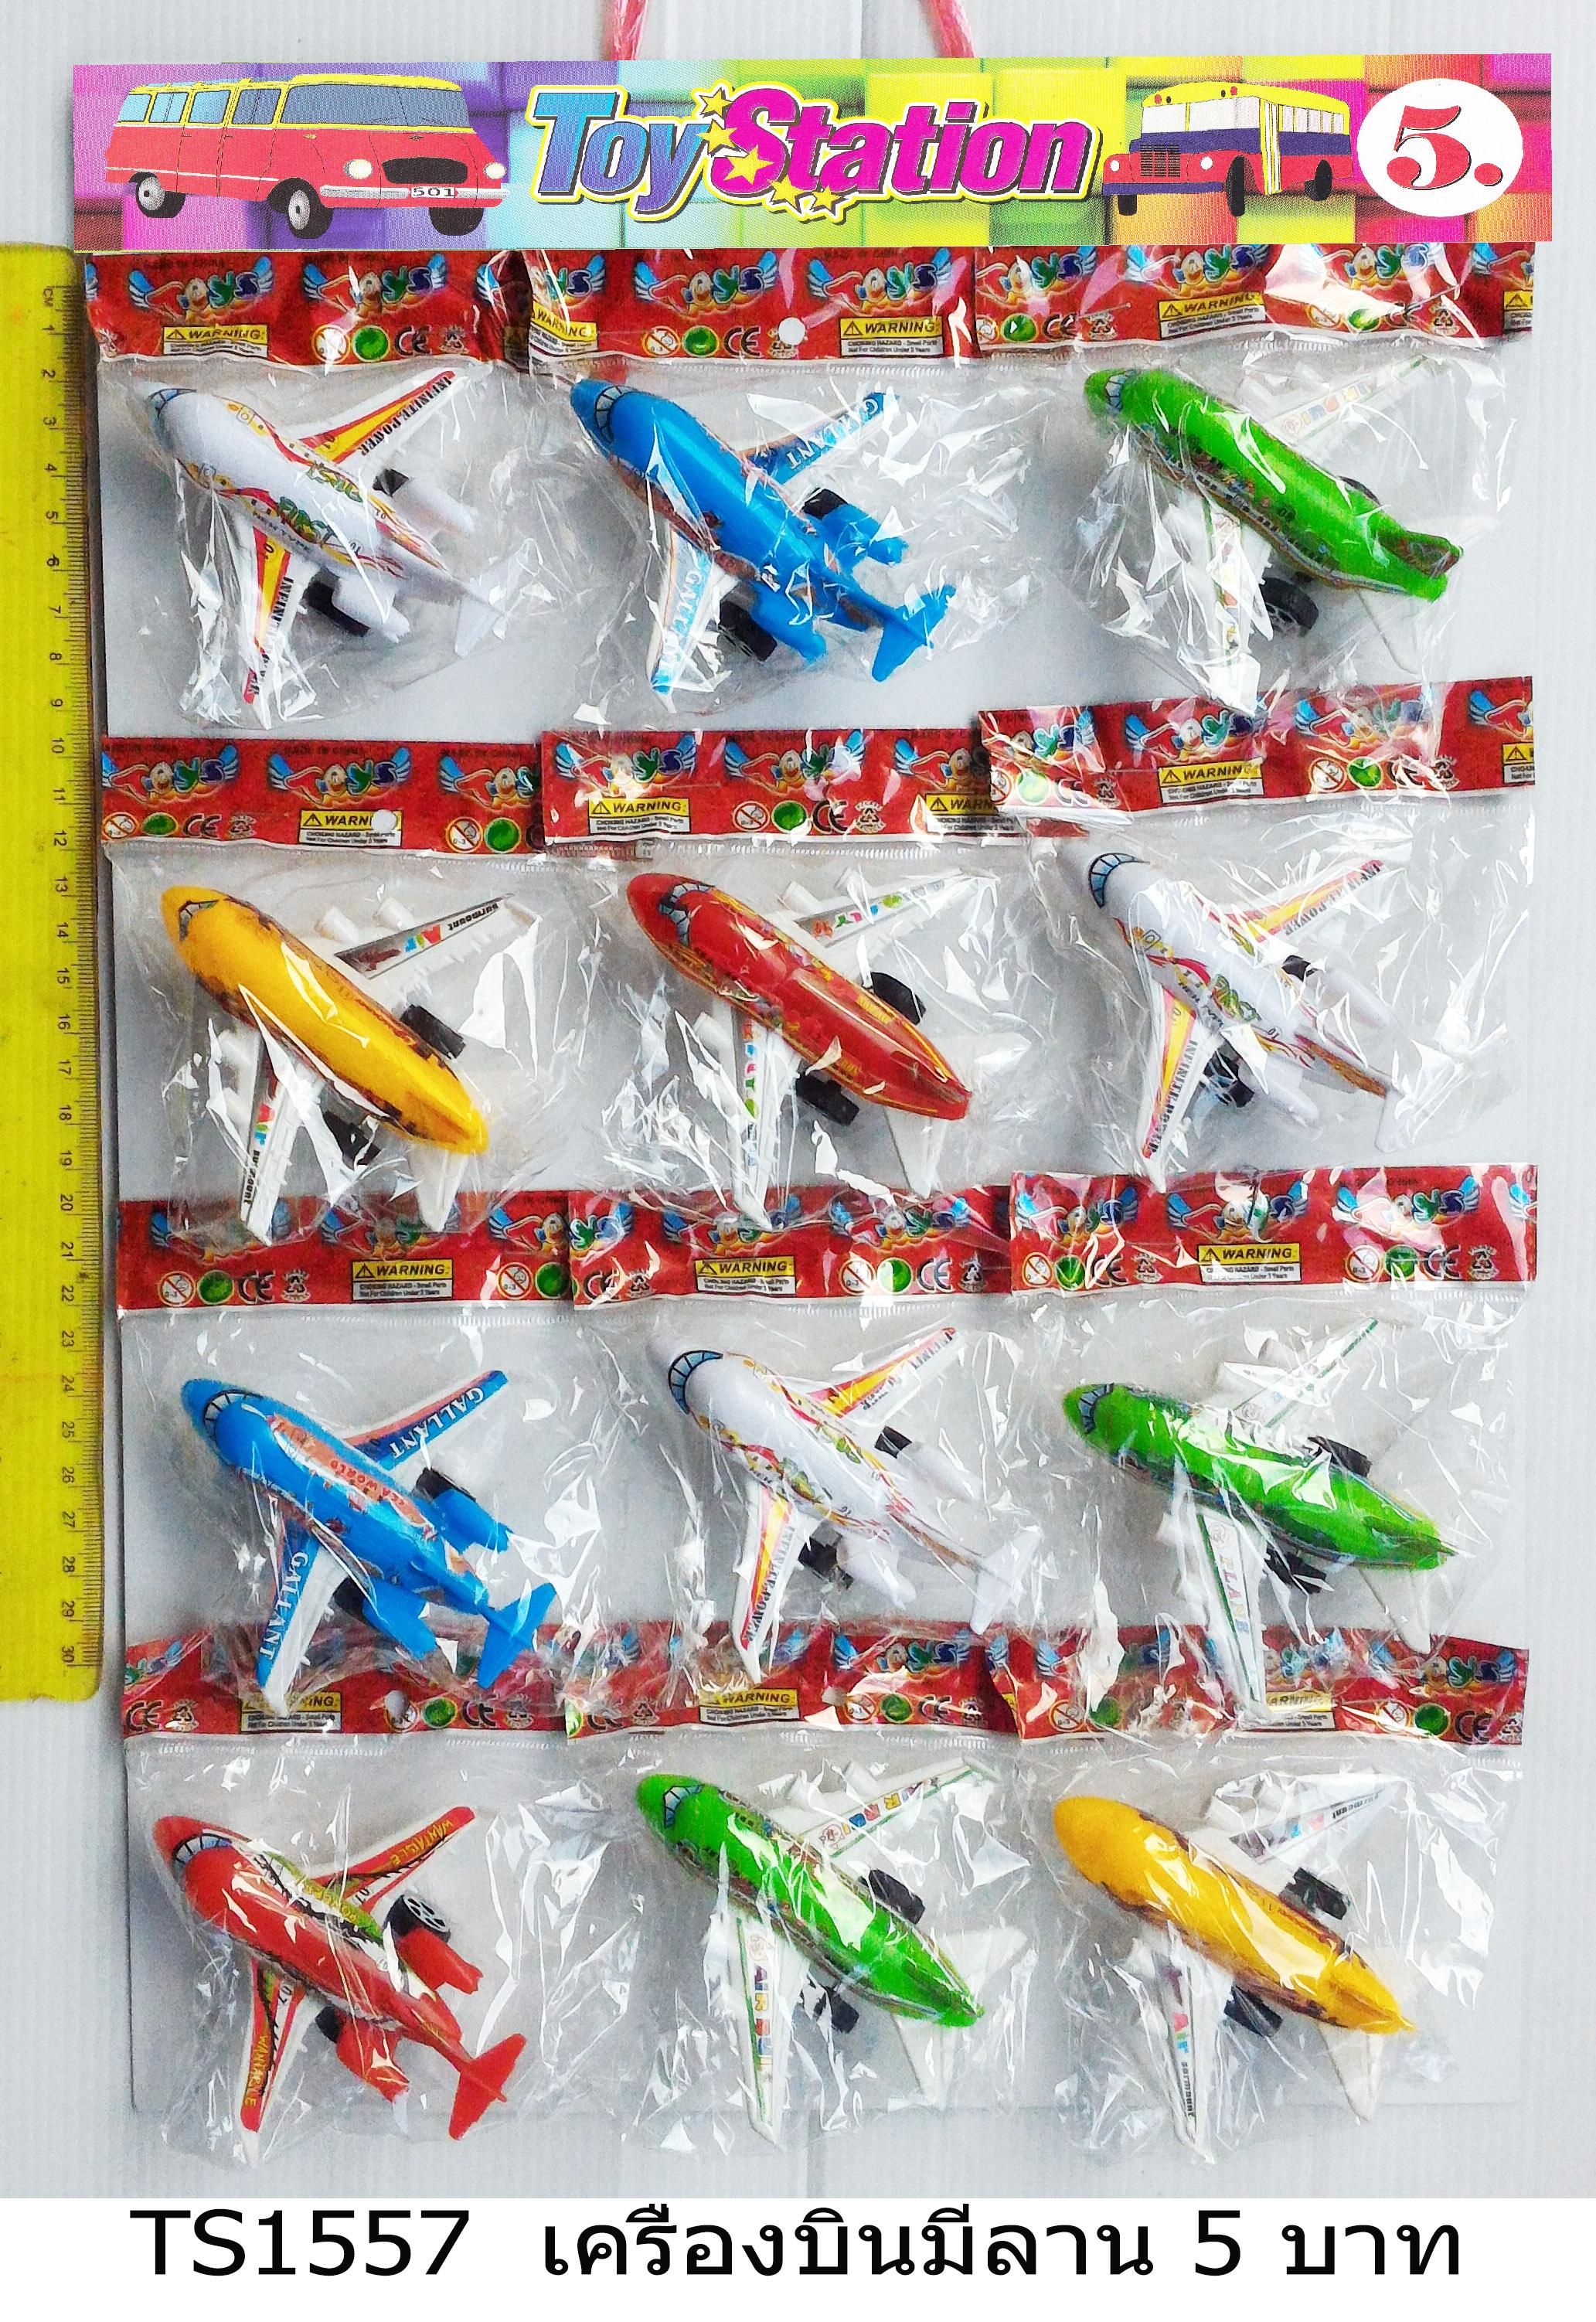 เครื่องบินมีลาน (ราคาสินค้าต่อแผง)